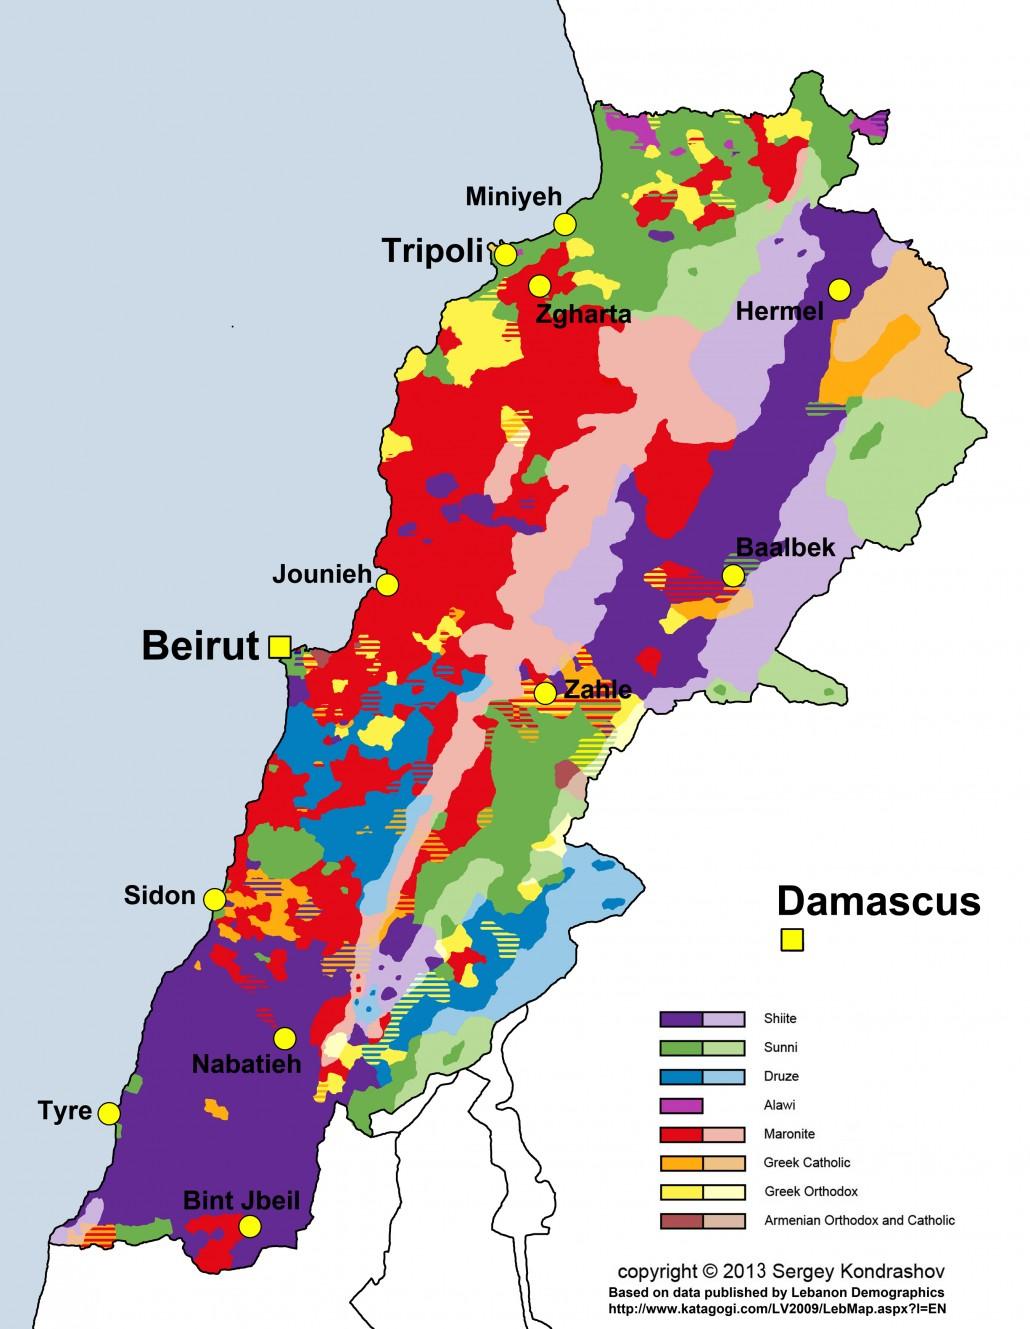 وقتی لبنان با ۴.۵ میلیون نفر جمعیت این قدر تنوع قومی دارد، چه طور میشود بیش از ۳۶۰ میلیون نفر عرب جهان را یکی فرض کرد؟